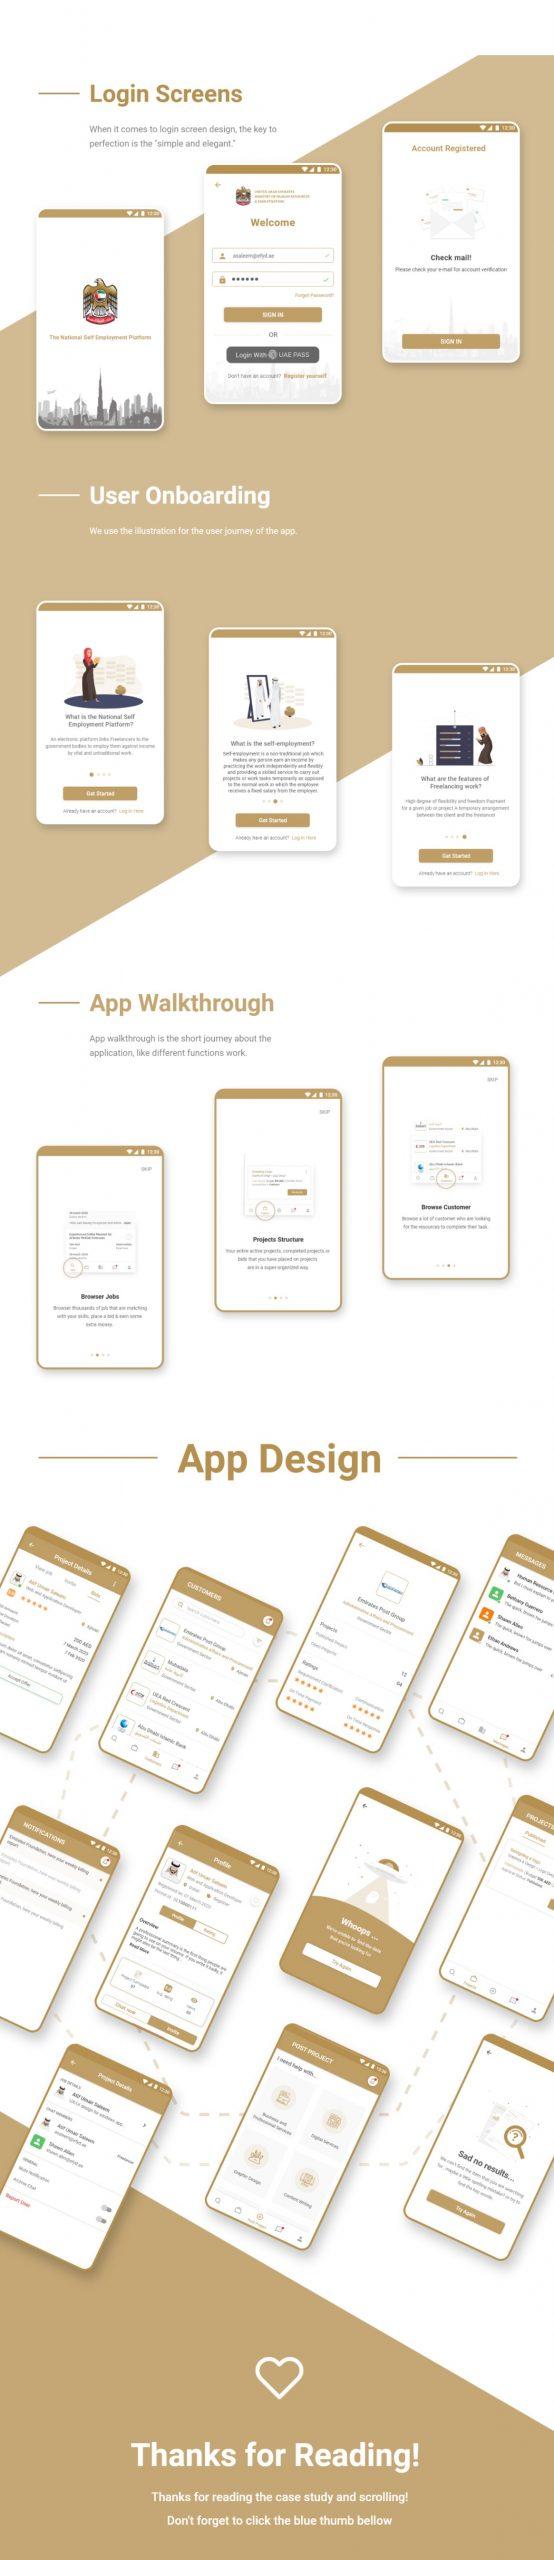 Freelancer Mobile App